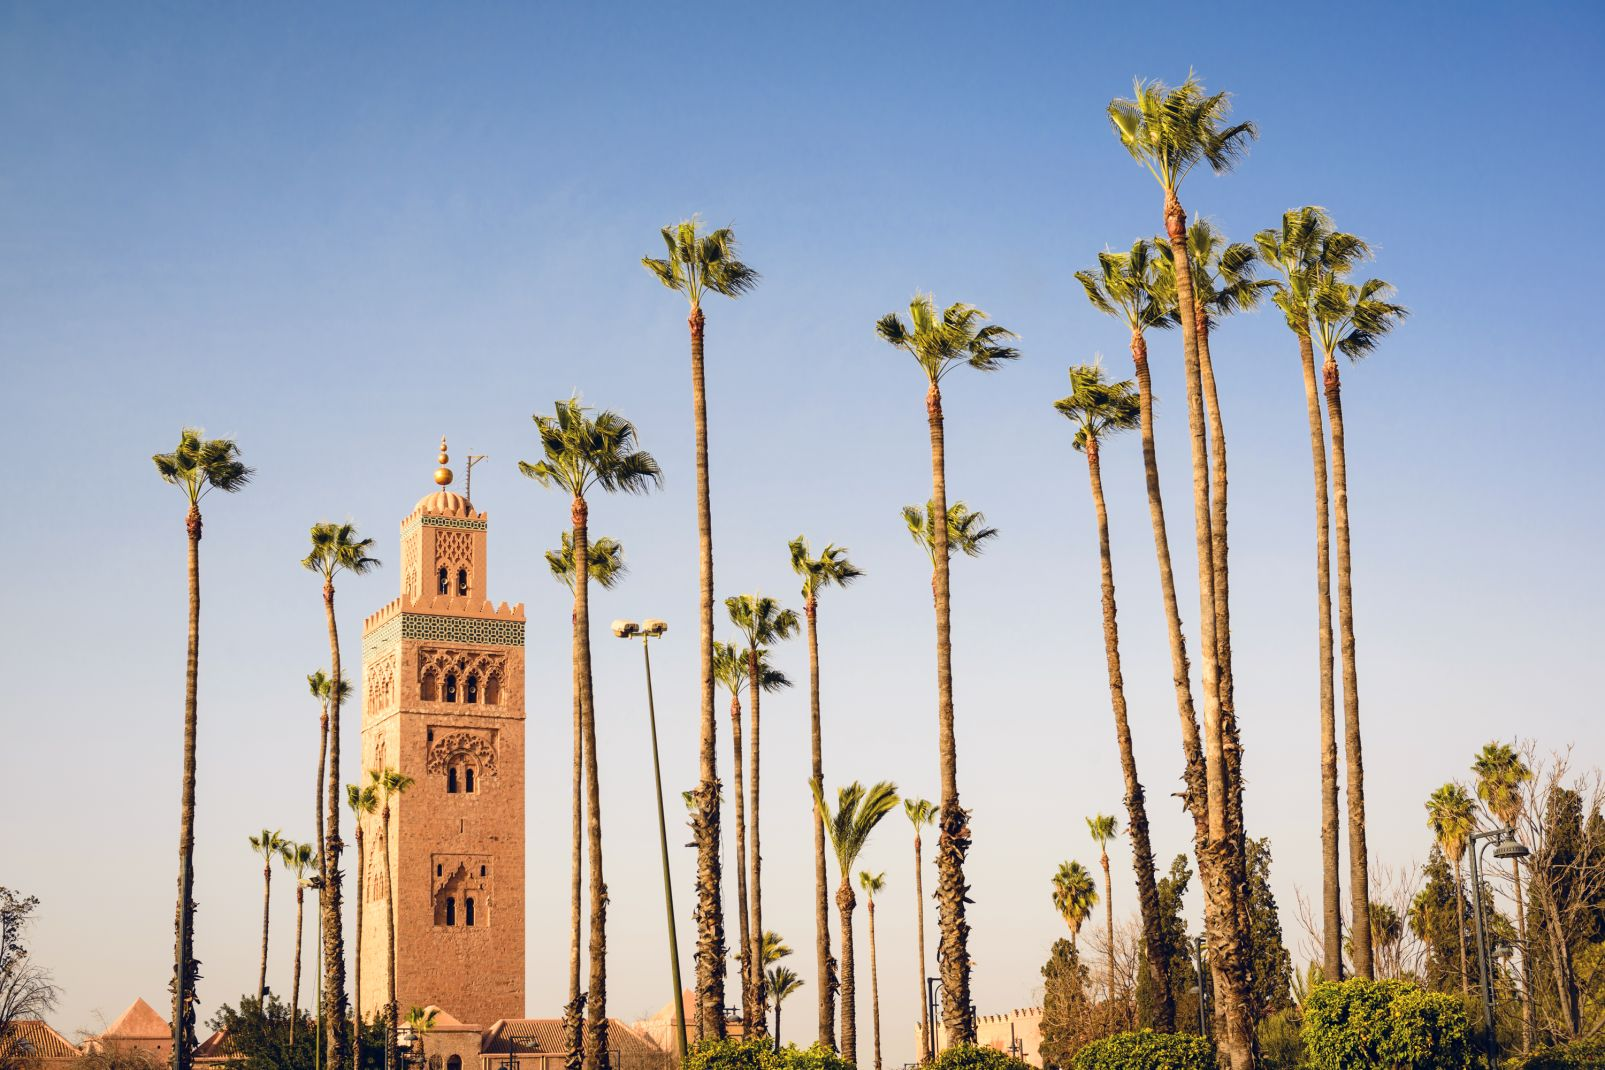 Maroc, Afrique, Maghreb, marrakech, ville, remparts, Koutoubia